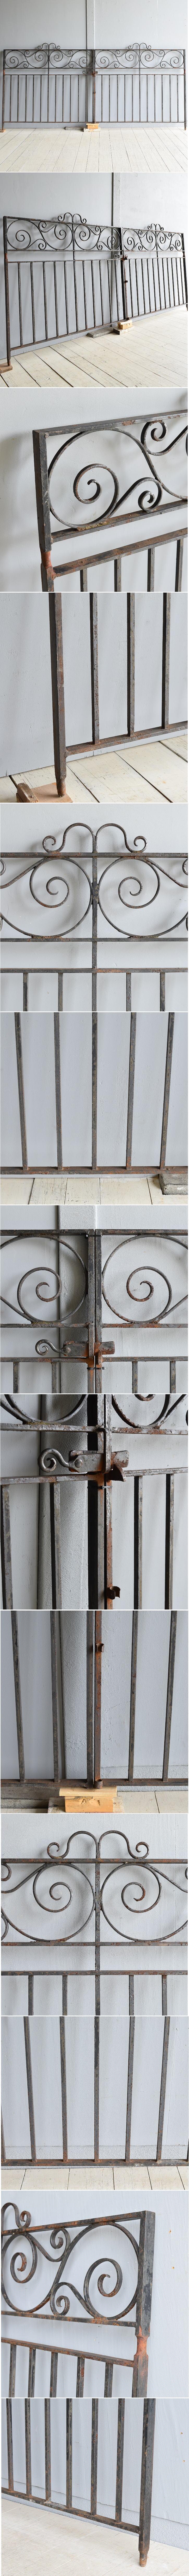 イギリス アンティーク アイアンフェンス ゲート柵 7929